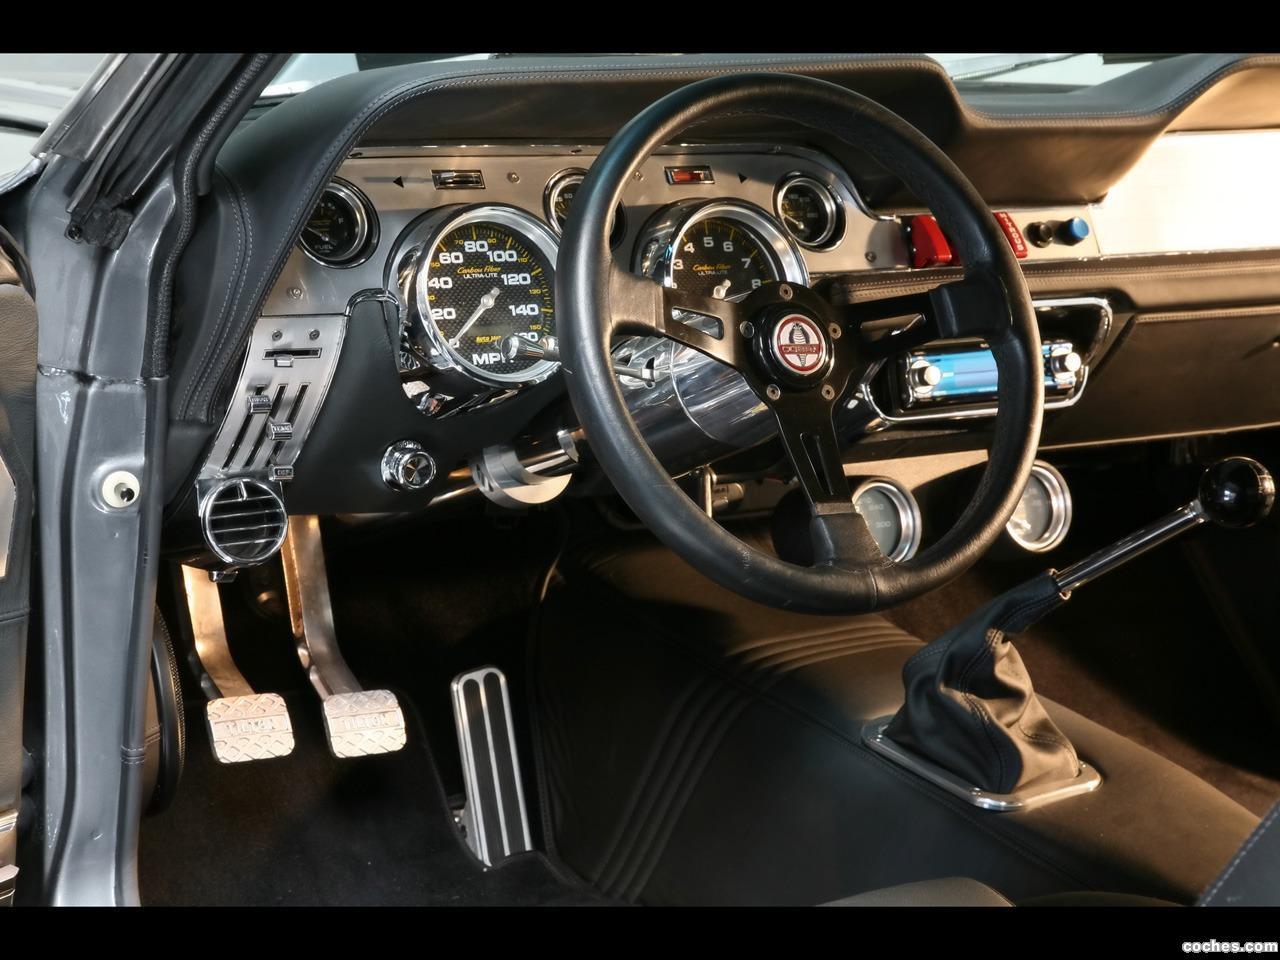 Foto 5 de Wheelsandmore Shelby Mustang GT500 Eleanor 2009